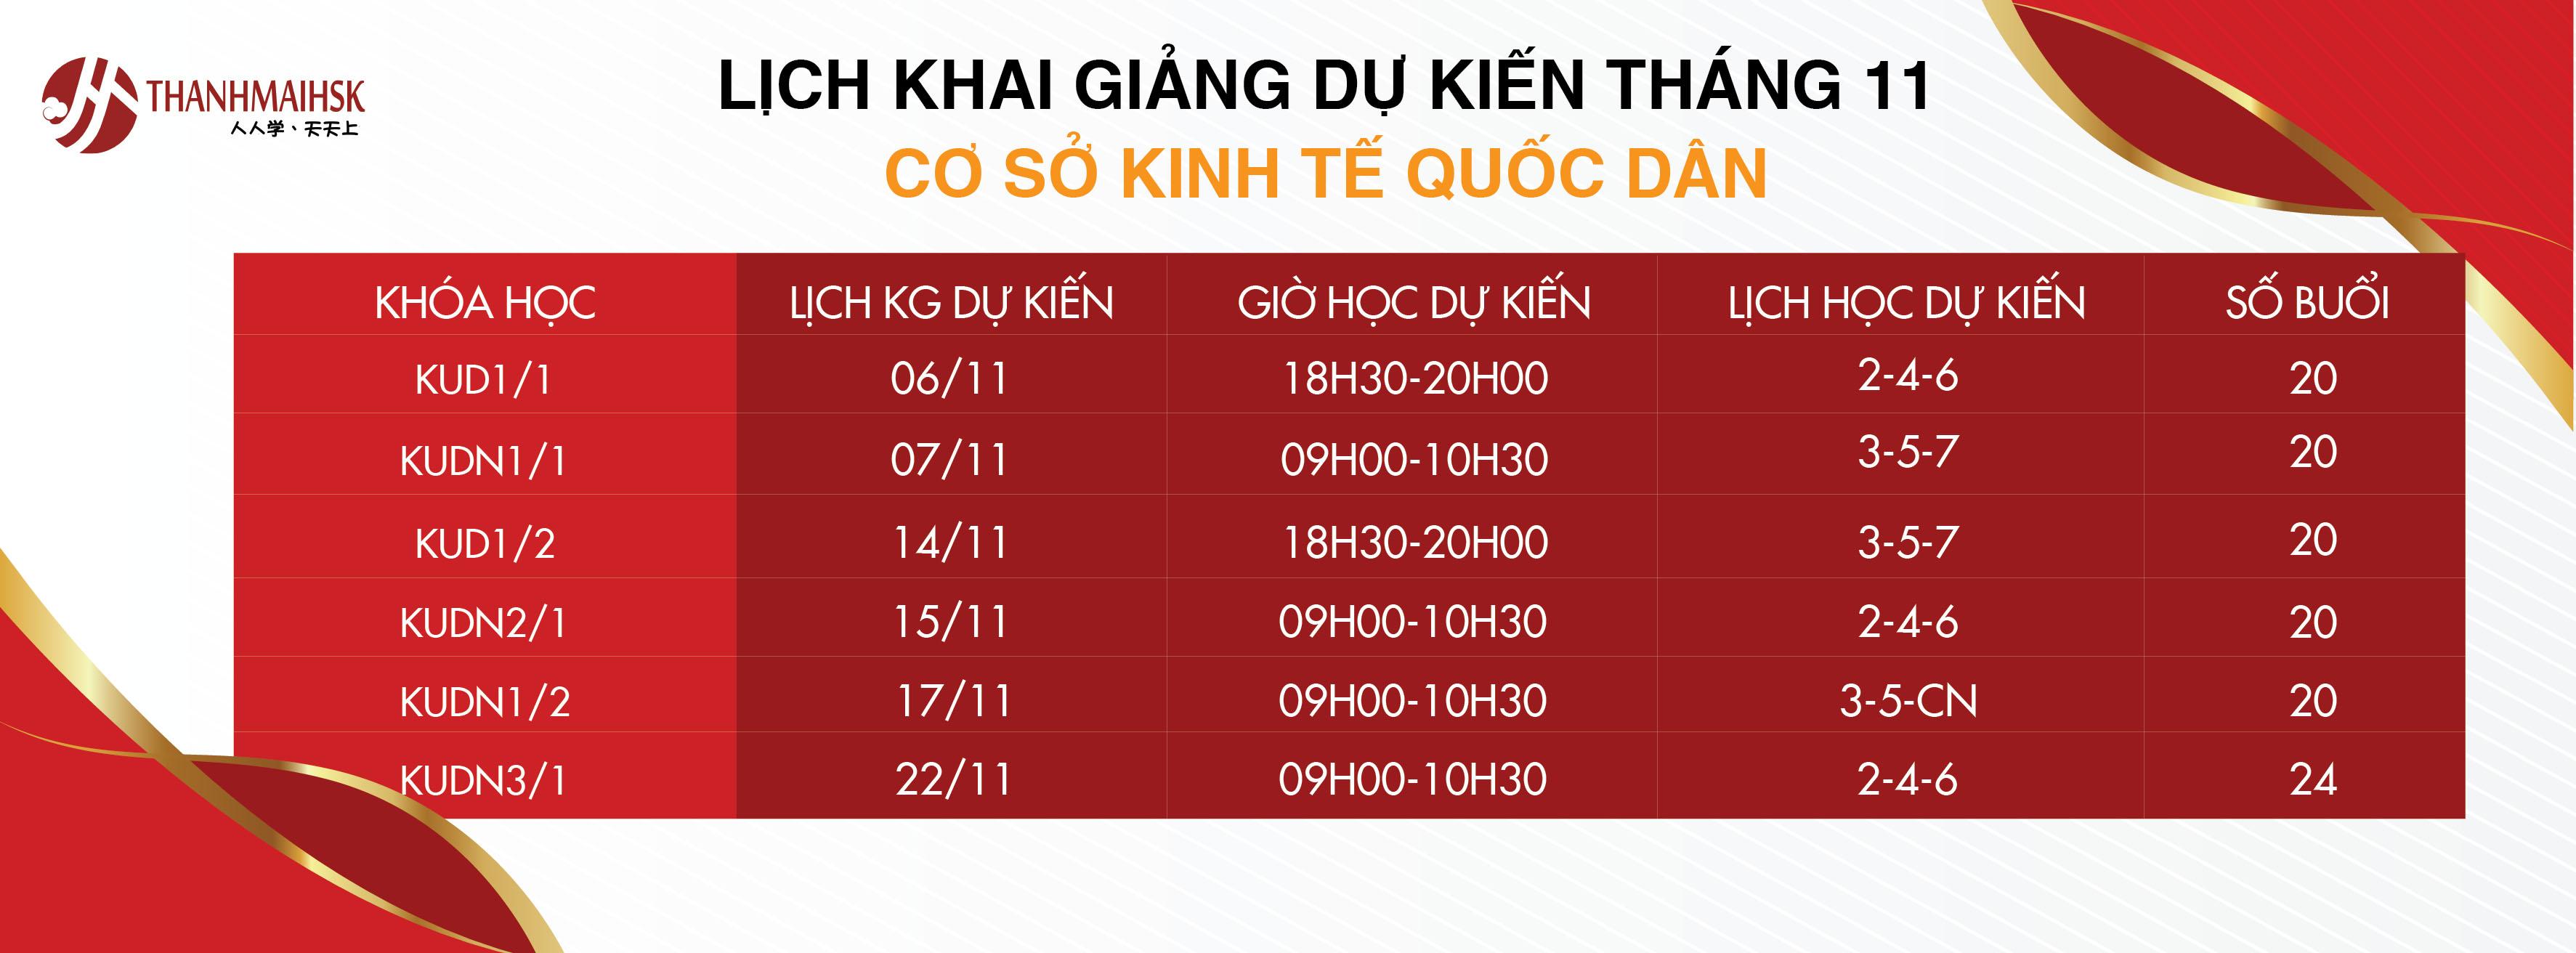 Lịch KGDK tháng 11 THANHMAIHSK cơ sở 4 Kinh tế quốc dân